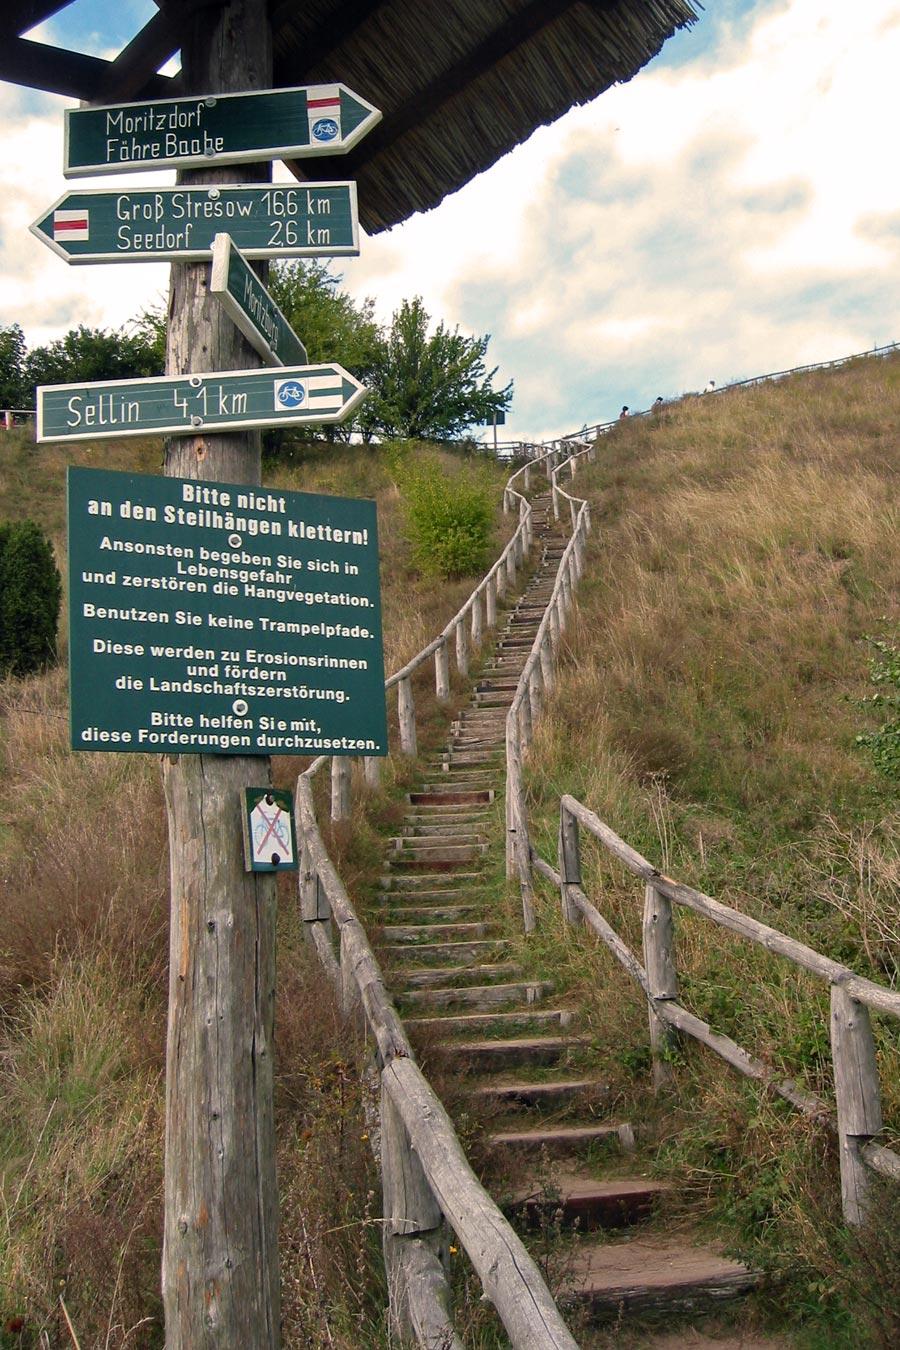 200 Treppenstufen Aufstieg zur Moritzburg